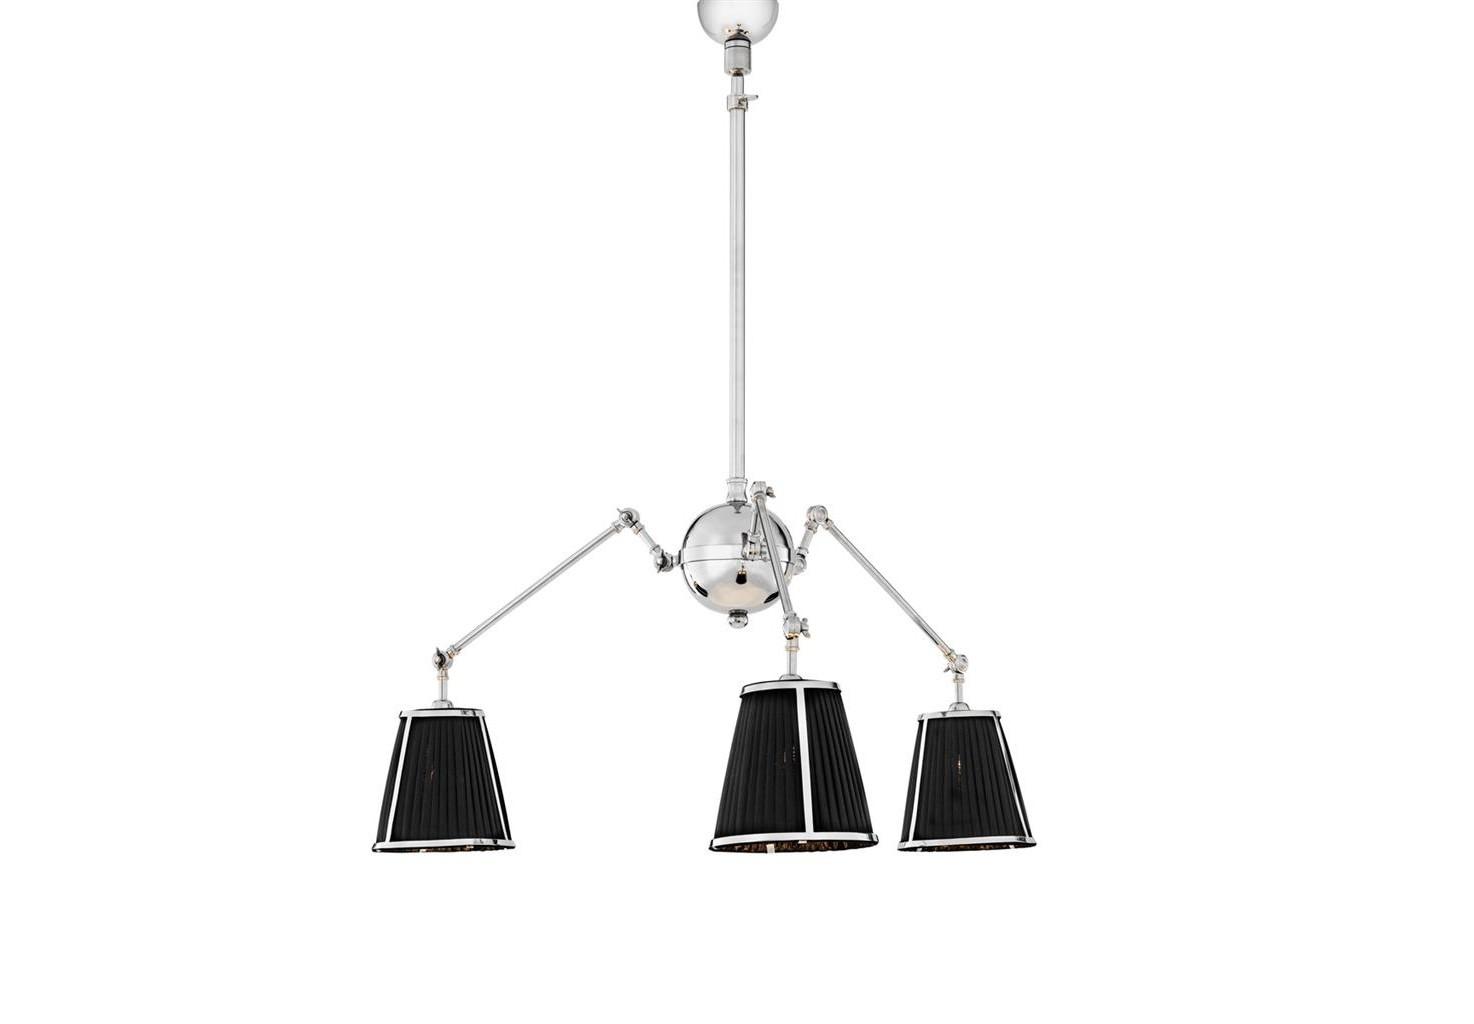 Подвесной светильник ConstanceПодвесные светильники<br>Подвесной светильник Ceiling Lamp Constance с текстильными плиссированными абажурами черного цвета. Арматура из металла цвета никель.&amp;lt;div&amp;gt;&amp;lt;br&amp;gt;&amp;lt;/div&amp;gt;&amp;lt;div&amp;gt;&amp;lt;div&amp;gt;Тип цоколя: E14&amp;lt;/div&amp;gt;&amp;lt;div&amp;gt;Мощность: 40W&amp;lt;/div&amp;gt;&amp;lt;div&amp;gt;Кол-во ламп: 3 (нет в комплекте)&amp;lt;/div&amp;gt;&amp;lt;/div&amp;gt;<br><br>Material: Металл<br>Ширина см: 90.0<br>Высота см: 92.0<br>Глубина см: 90.0